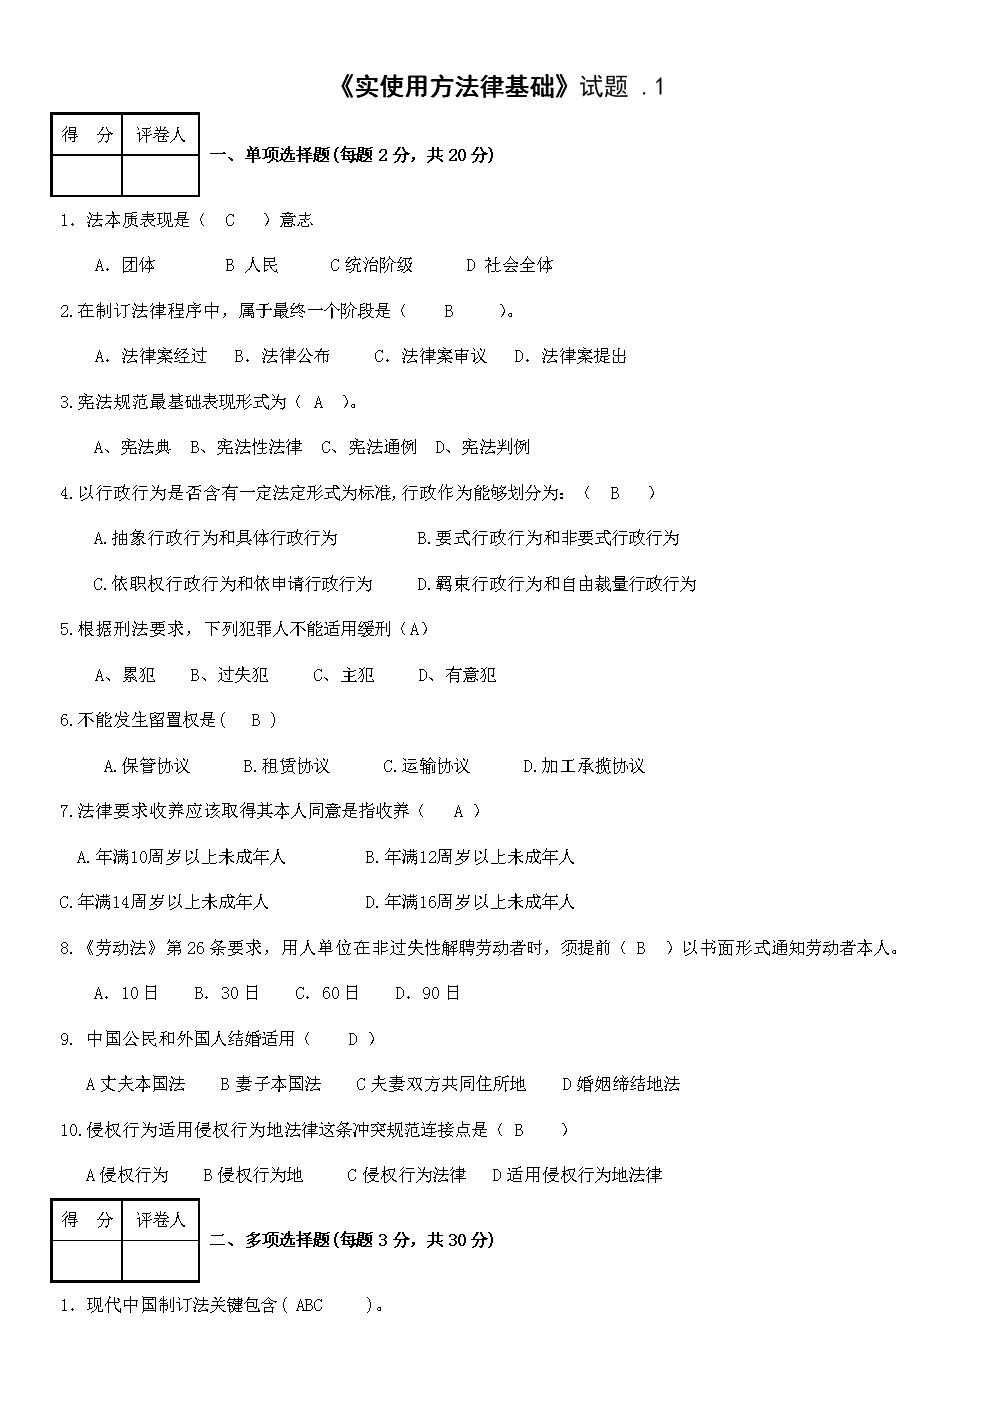 2021年电大实用法律基础考试题.docx